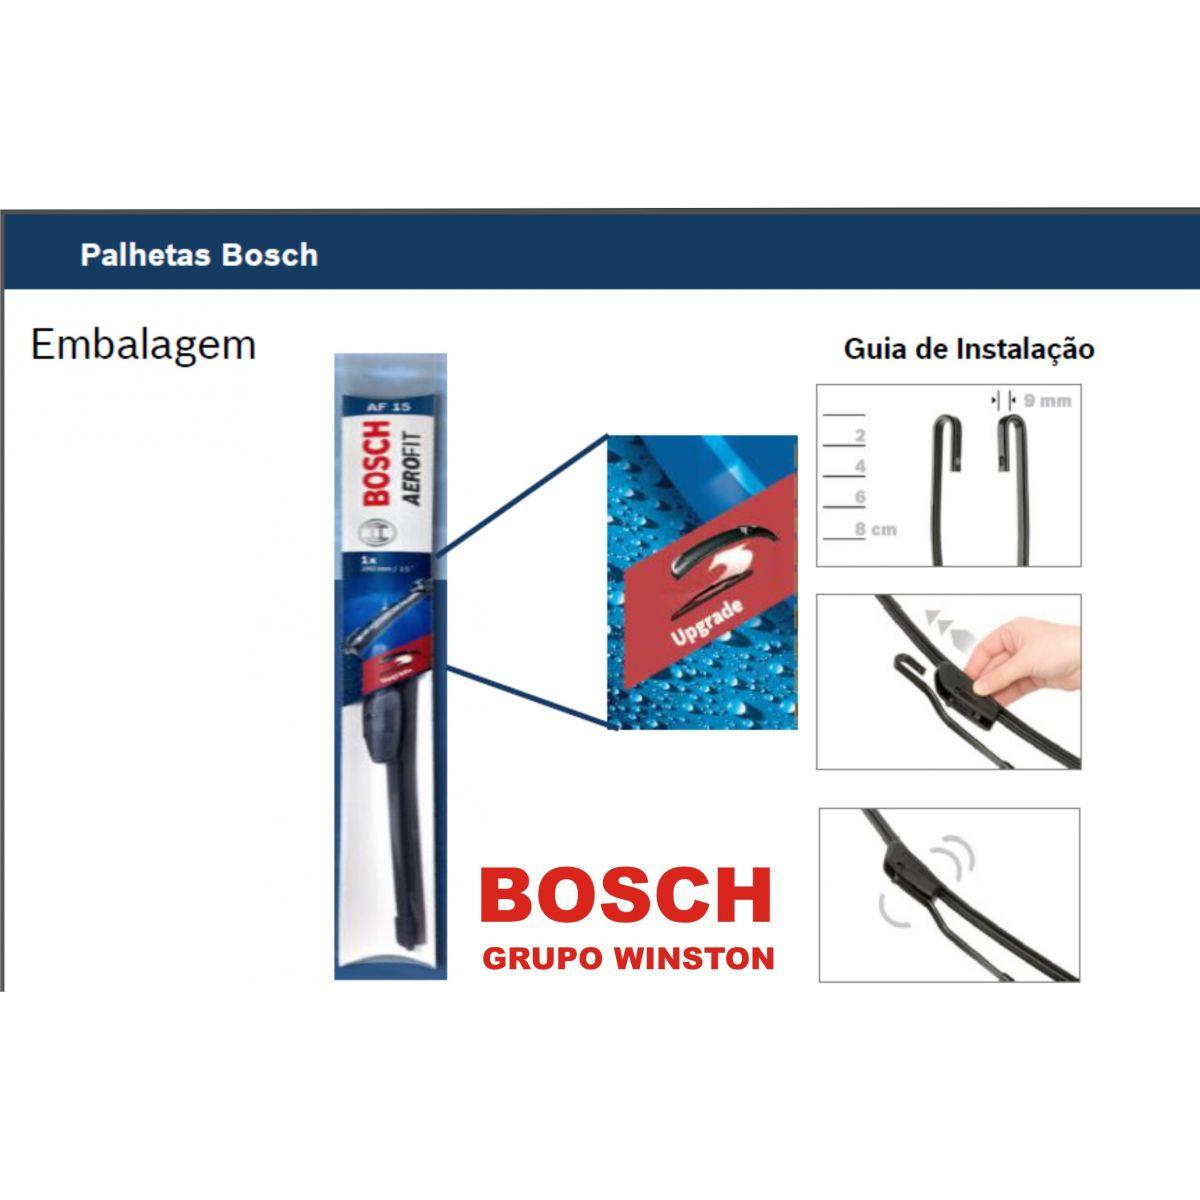 Palheta Bosch Aerofit Limpador de para brisa Bosch SSANGYONG Kyron